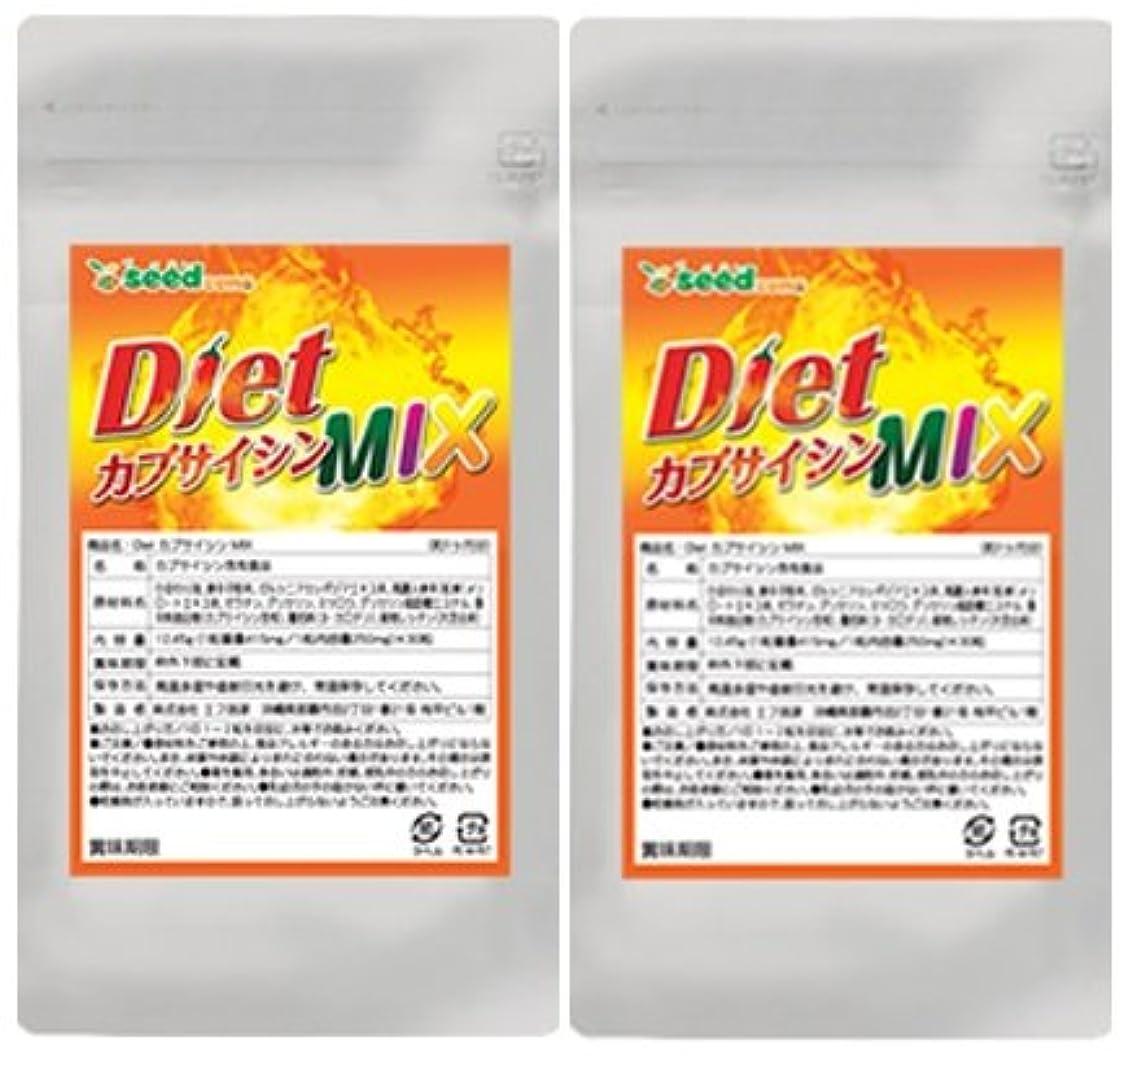 アジャバルクスクラブ【 seedcoms シードコムス 公式 】Diet カプサイシン MIX (約6ケ月分) メリロート、高麗人参もプラス